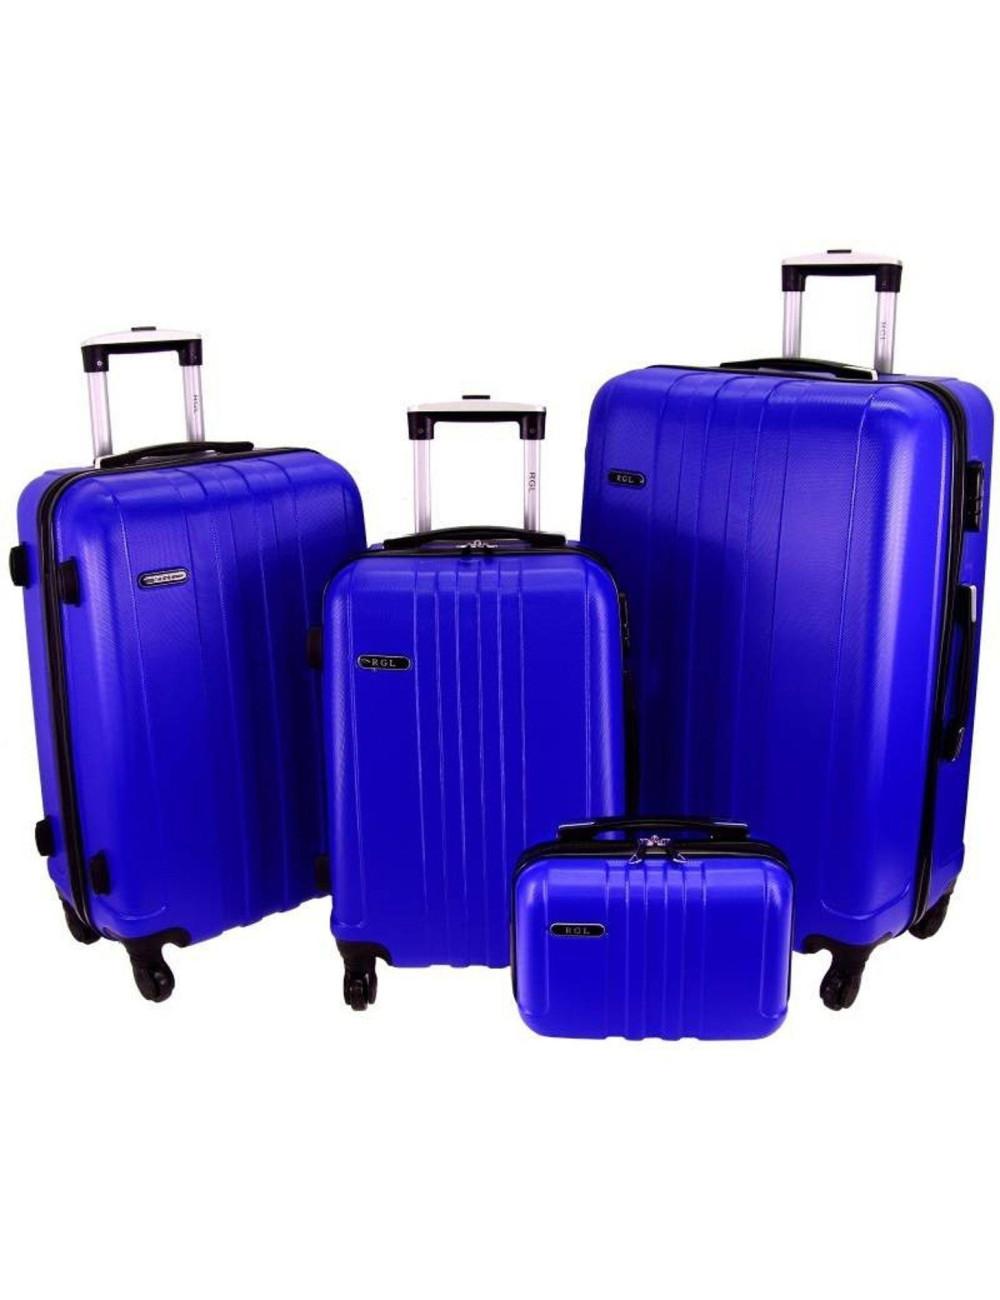 Zestaw walizek podróżnych 3w1 + Kuferek 740 RGL - niebieski